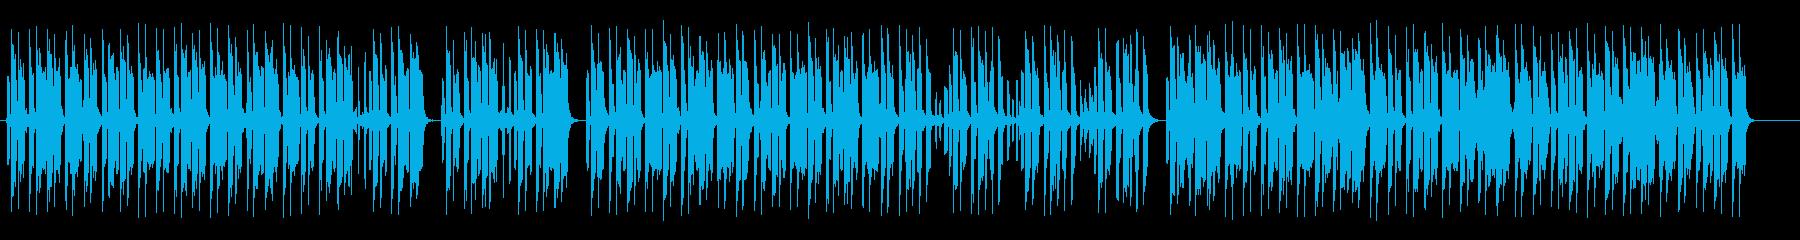 ゆったりおしゃれなシンセピアノサウンドの再生済みの波形